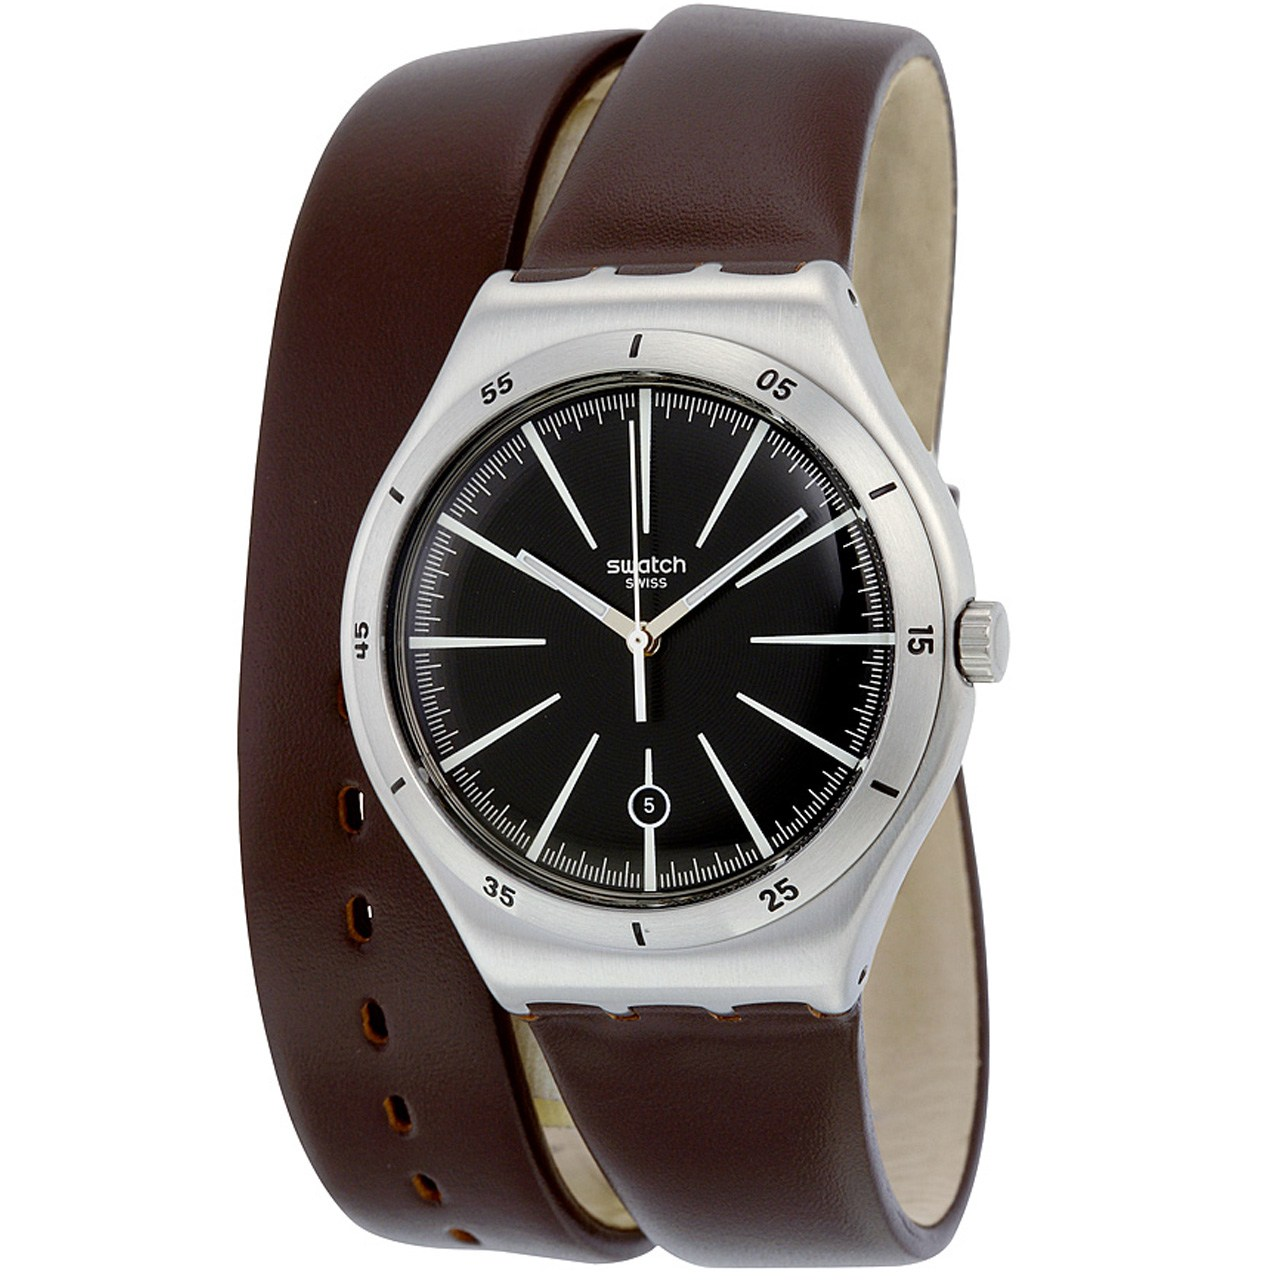 ساعت مچی عقربه ای مردانه سواچ مدل YWS409C 33